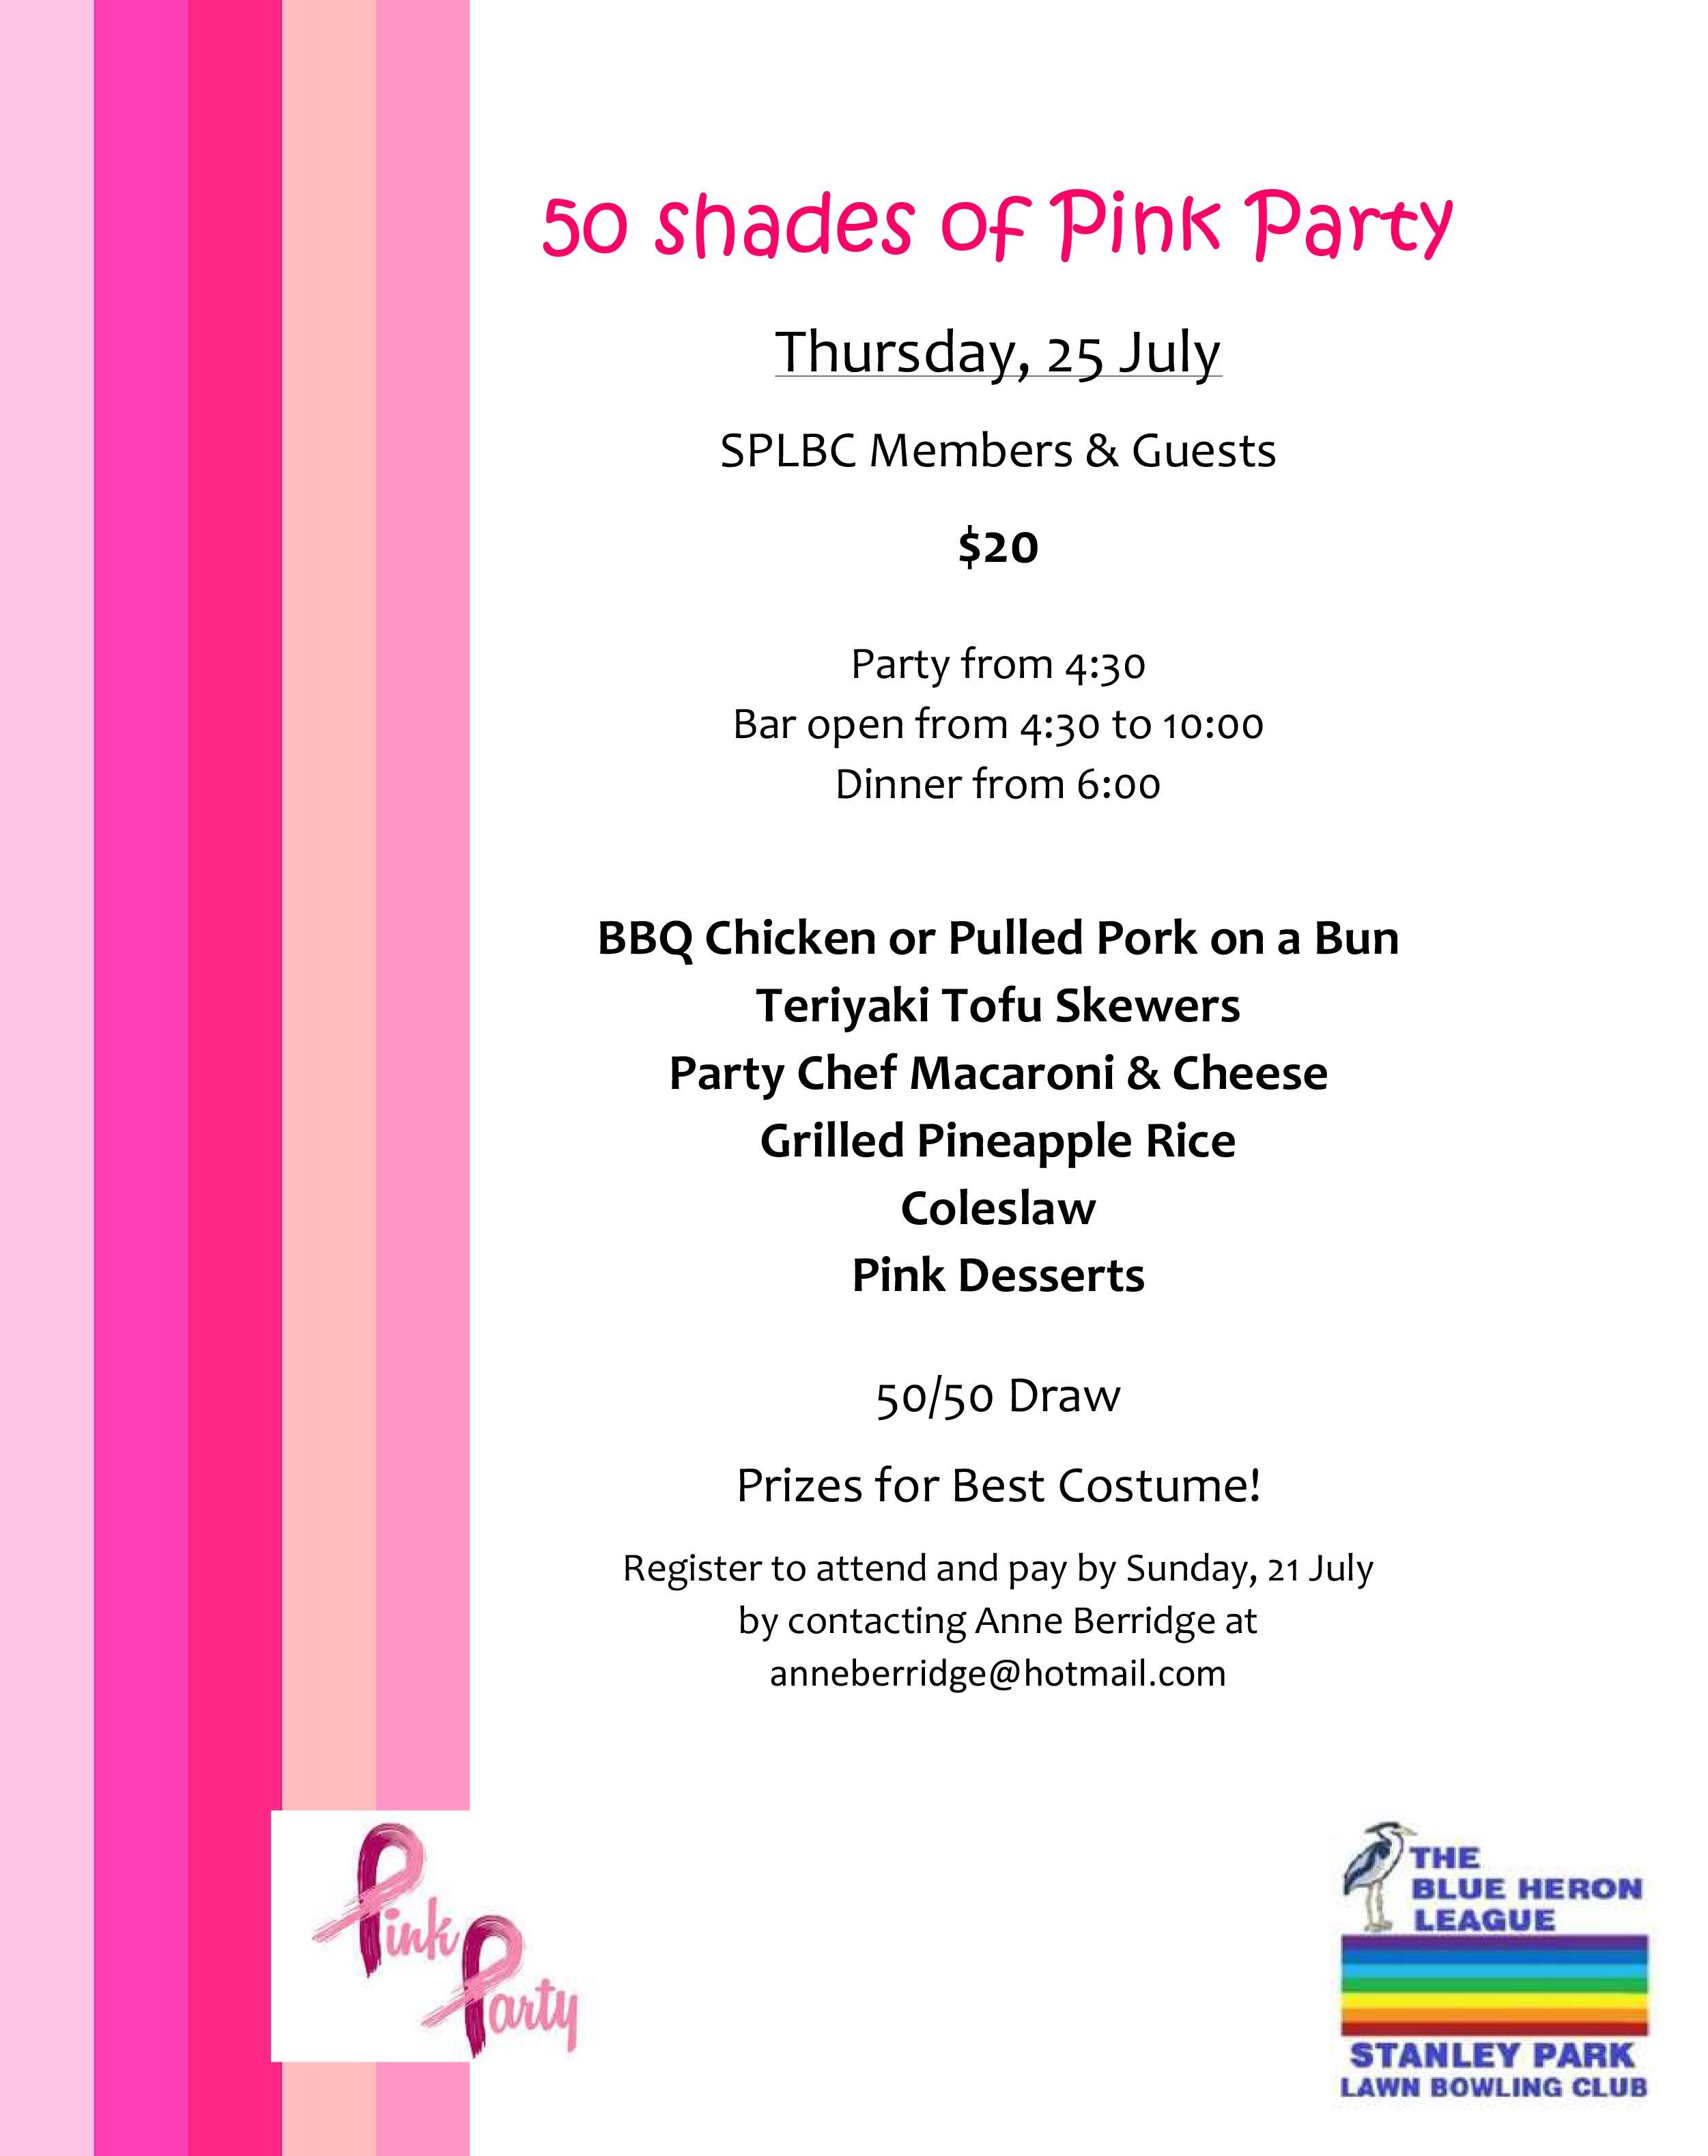 PinkPartyPoster2019.jpg